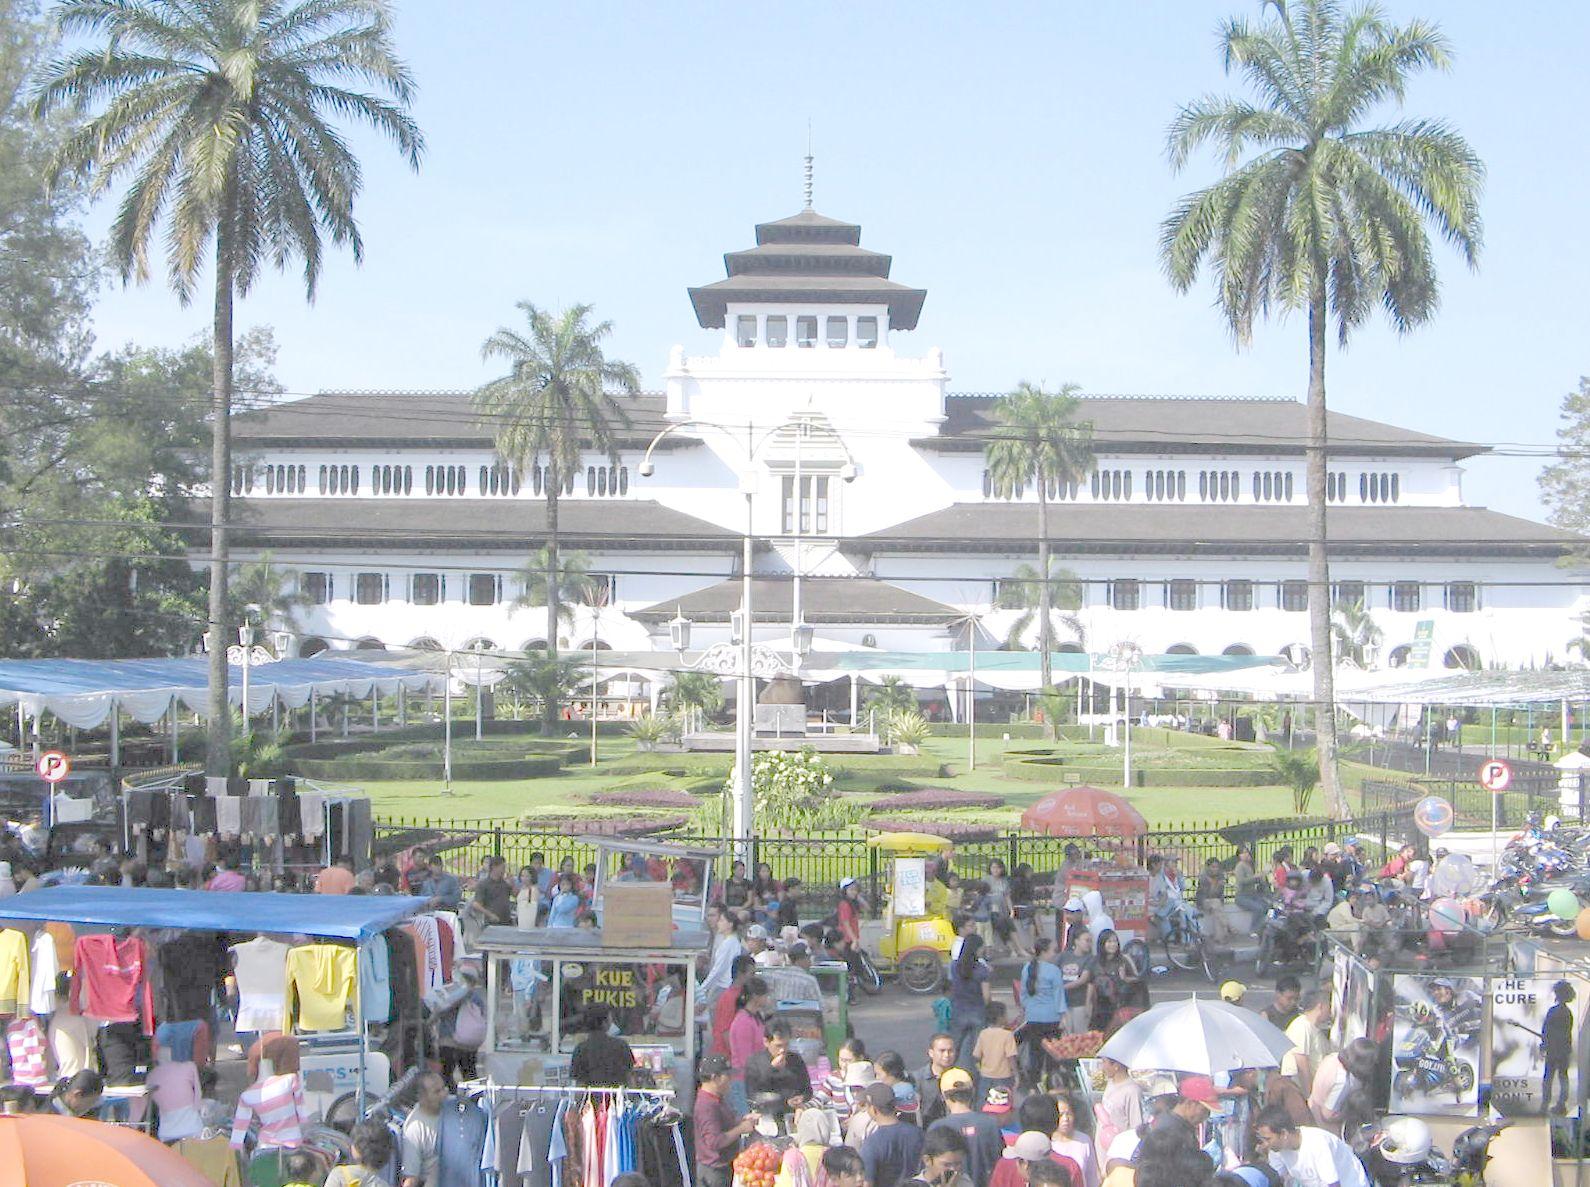 Daftar Obyek Wisata di Bandung